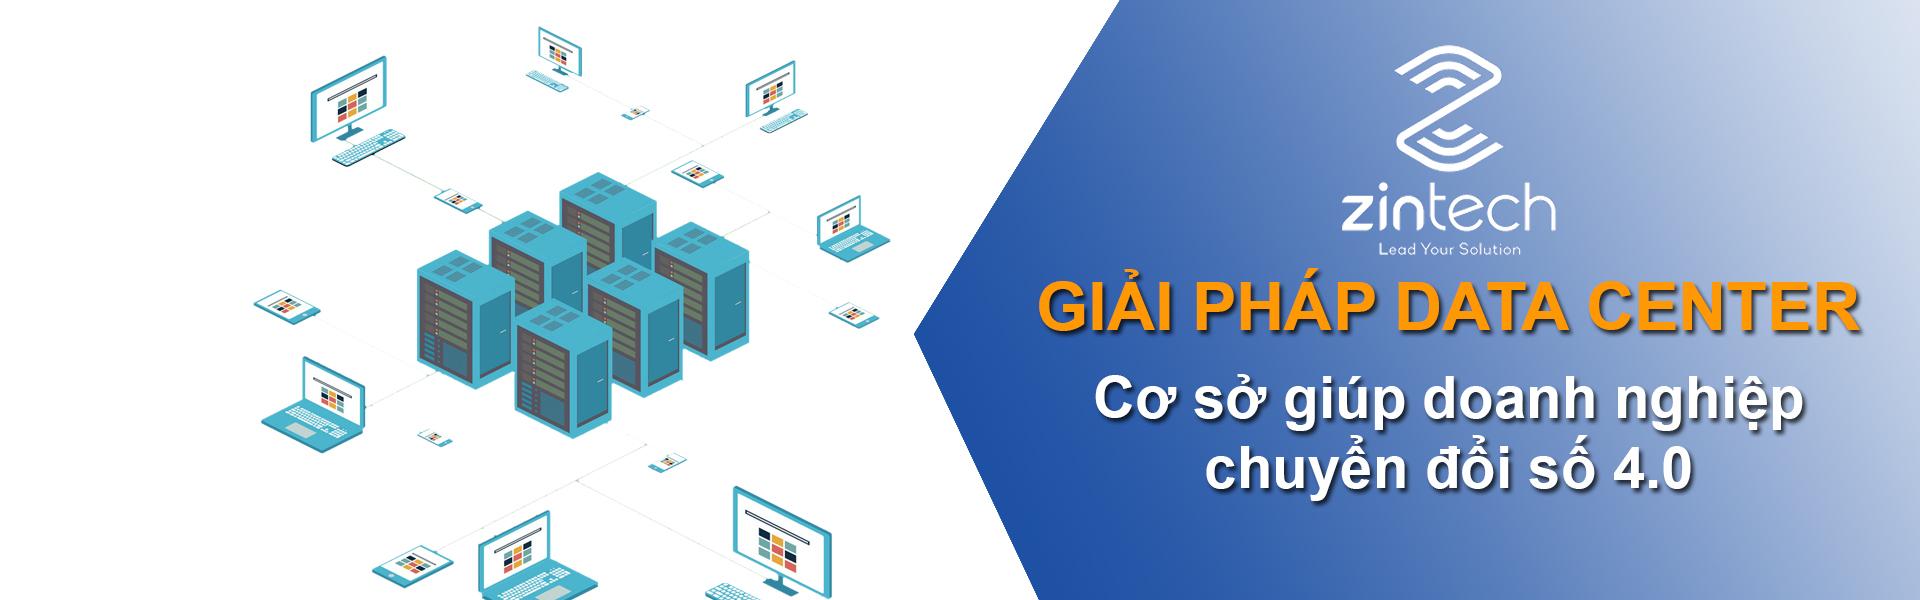 Giai phap data center cua zintech banner4